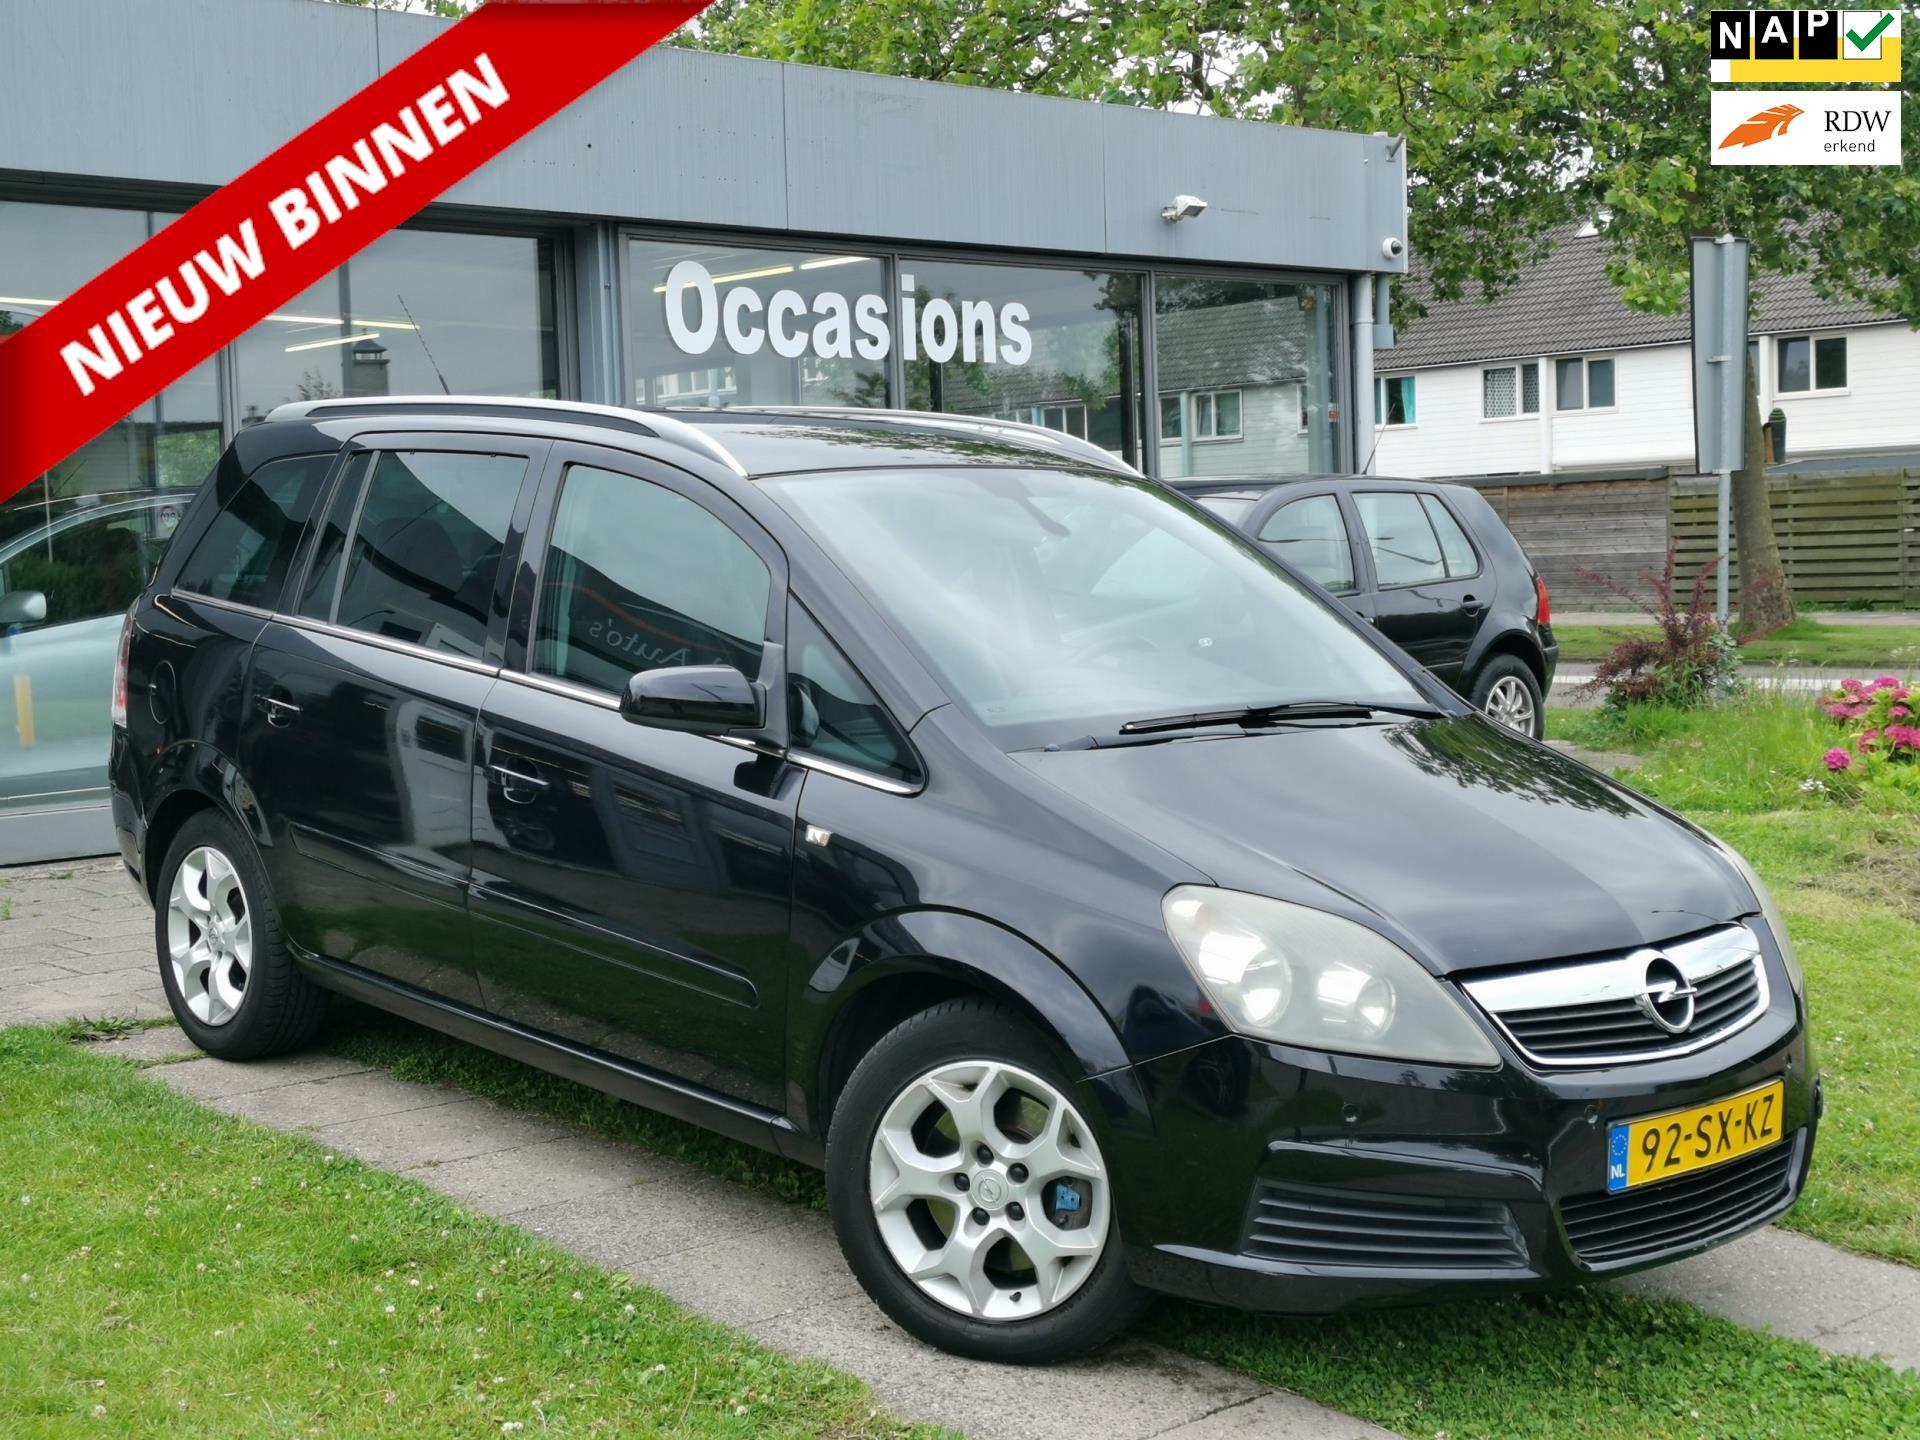 Opel Zafira occasion - Loyaal Auto's